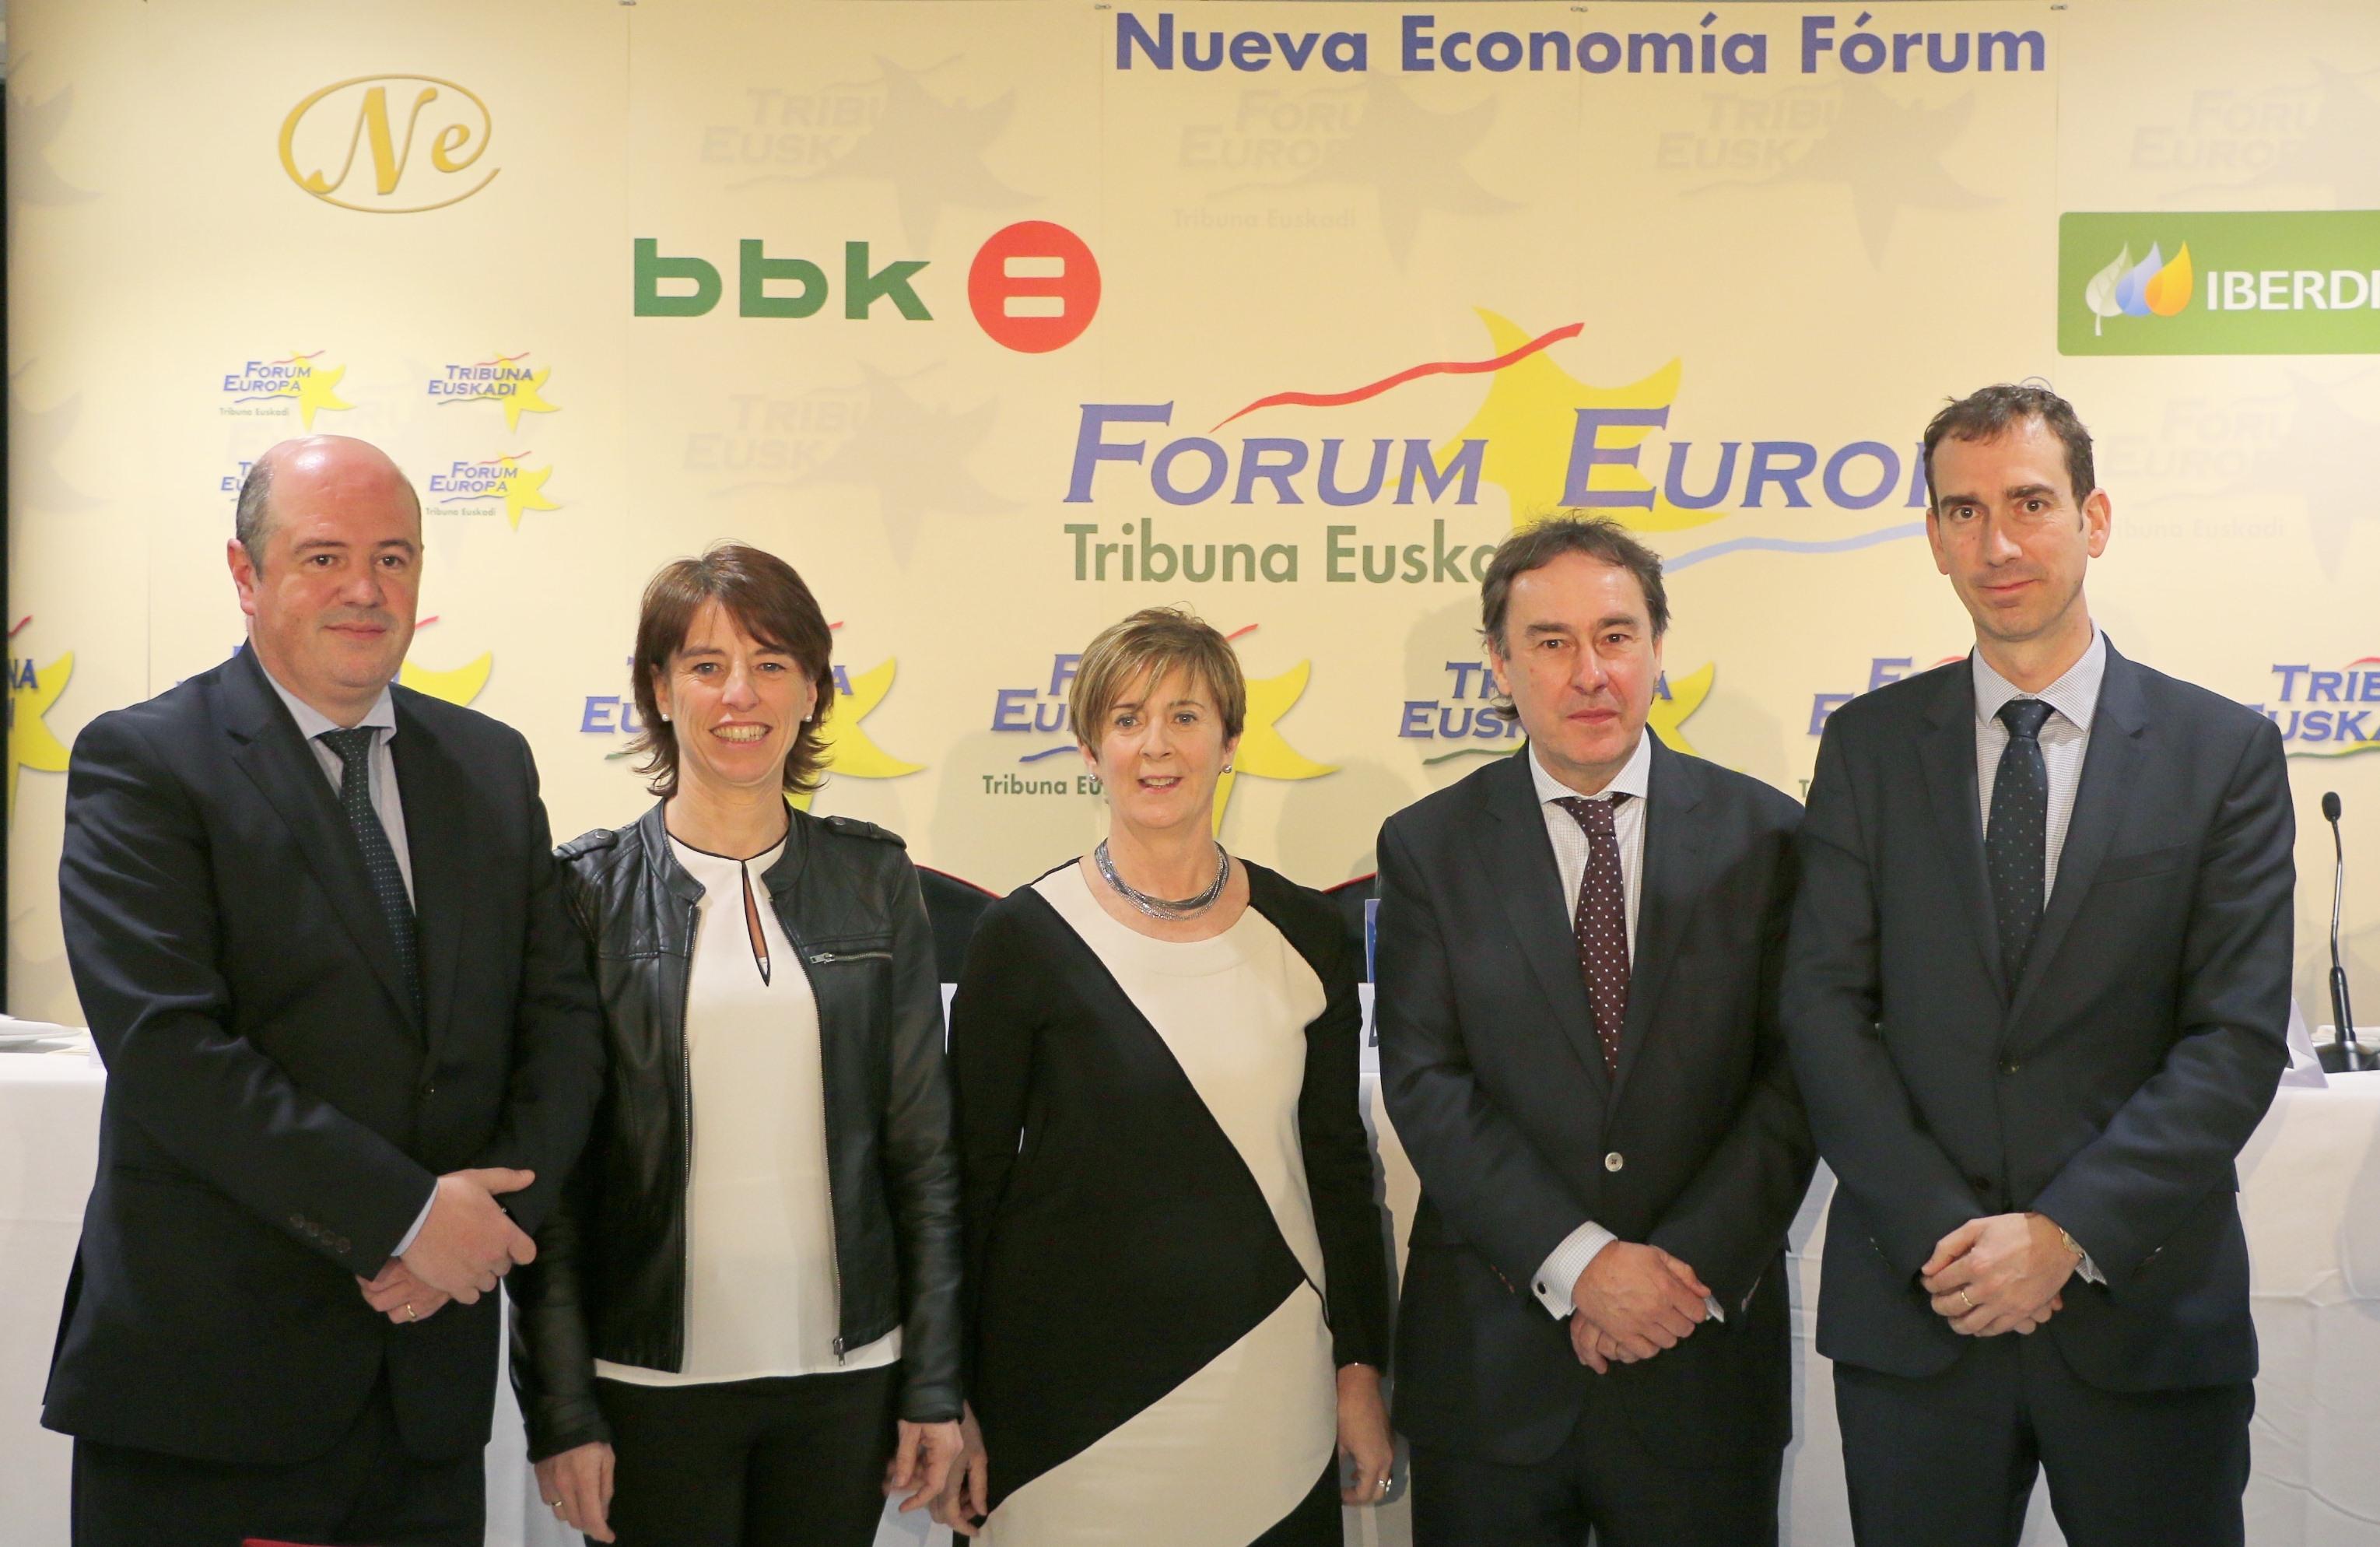 foro_nueva_economia_11.jpg